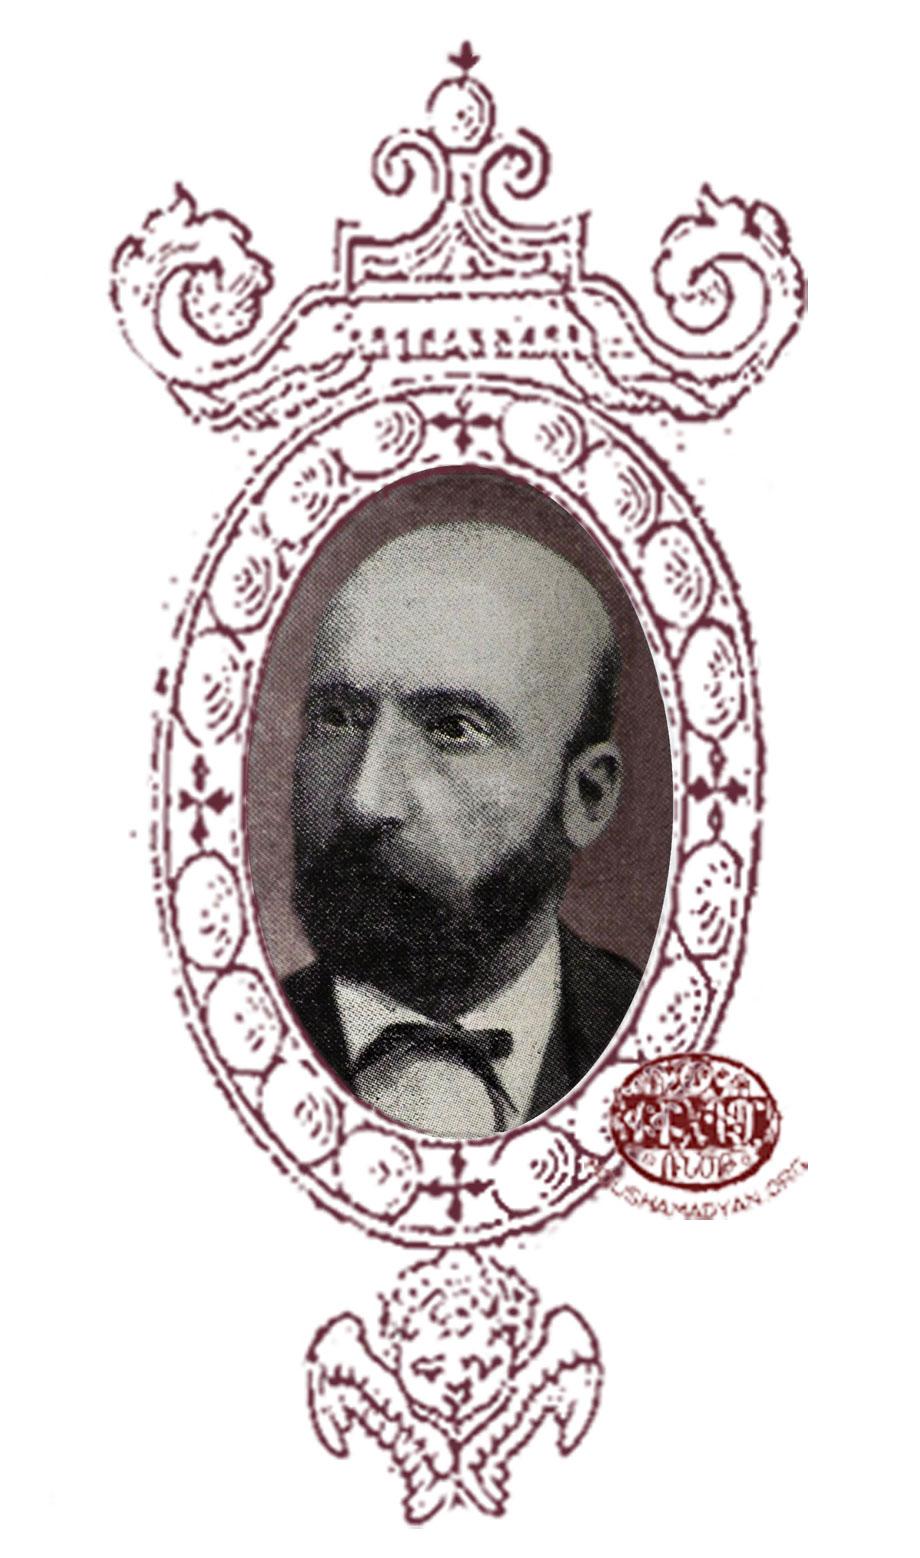 M. A. Melkon